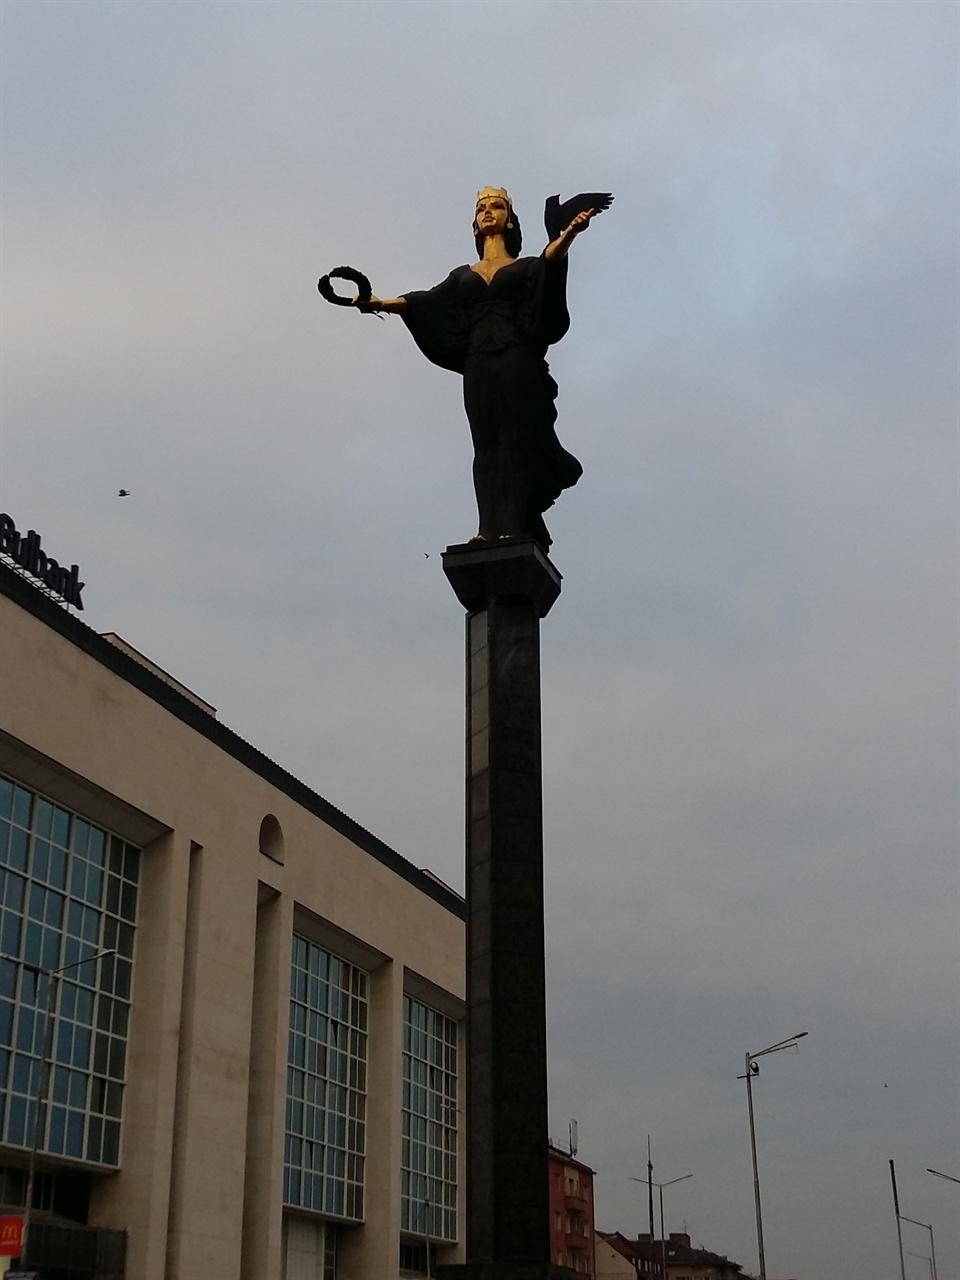 소피아공주 상 렌닌 동상이 있던 자리에 소피아 공주 상을 세웠다고 한다.